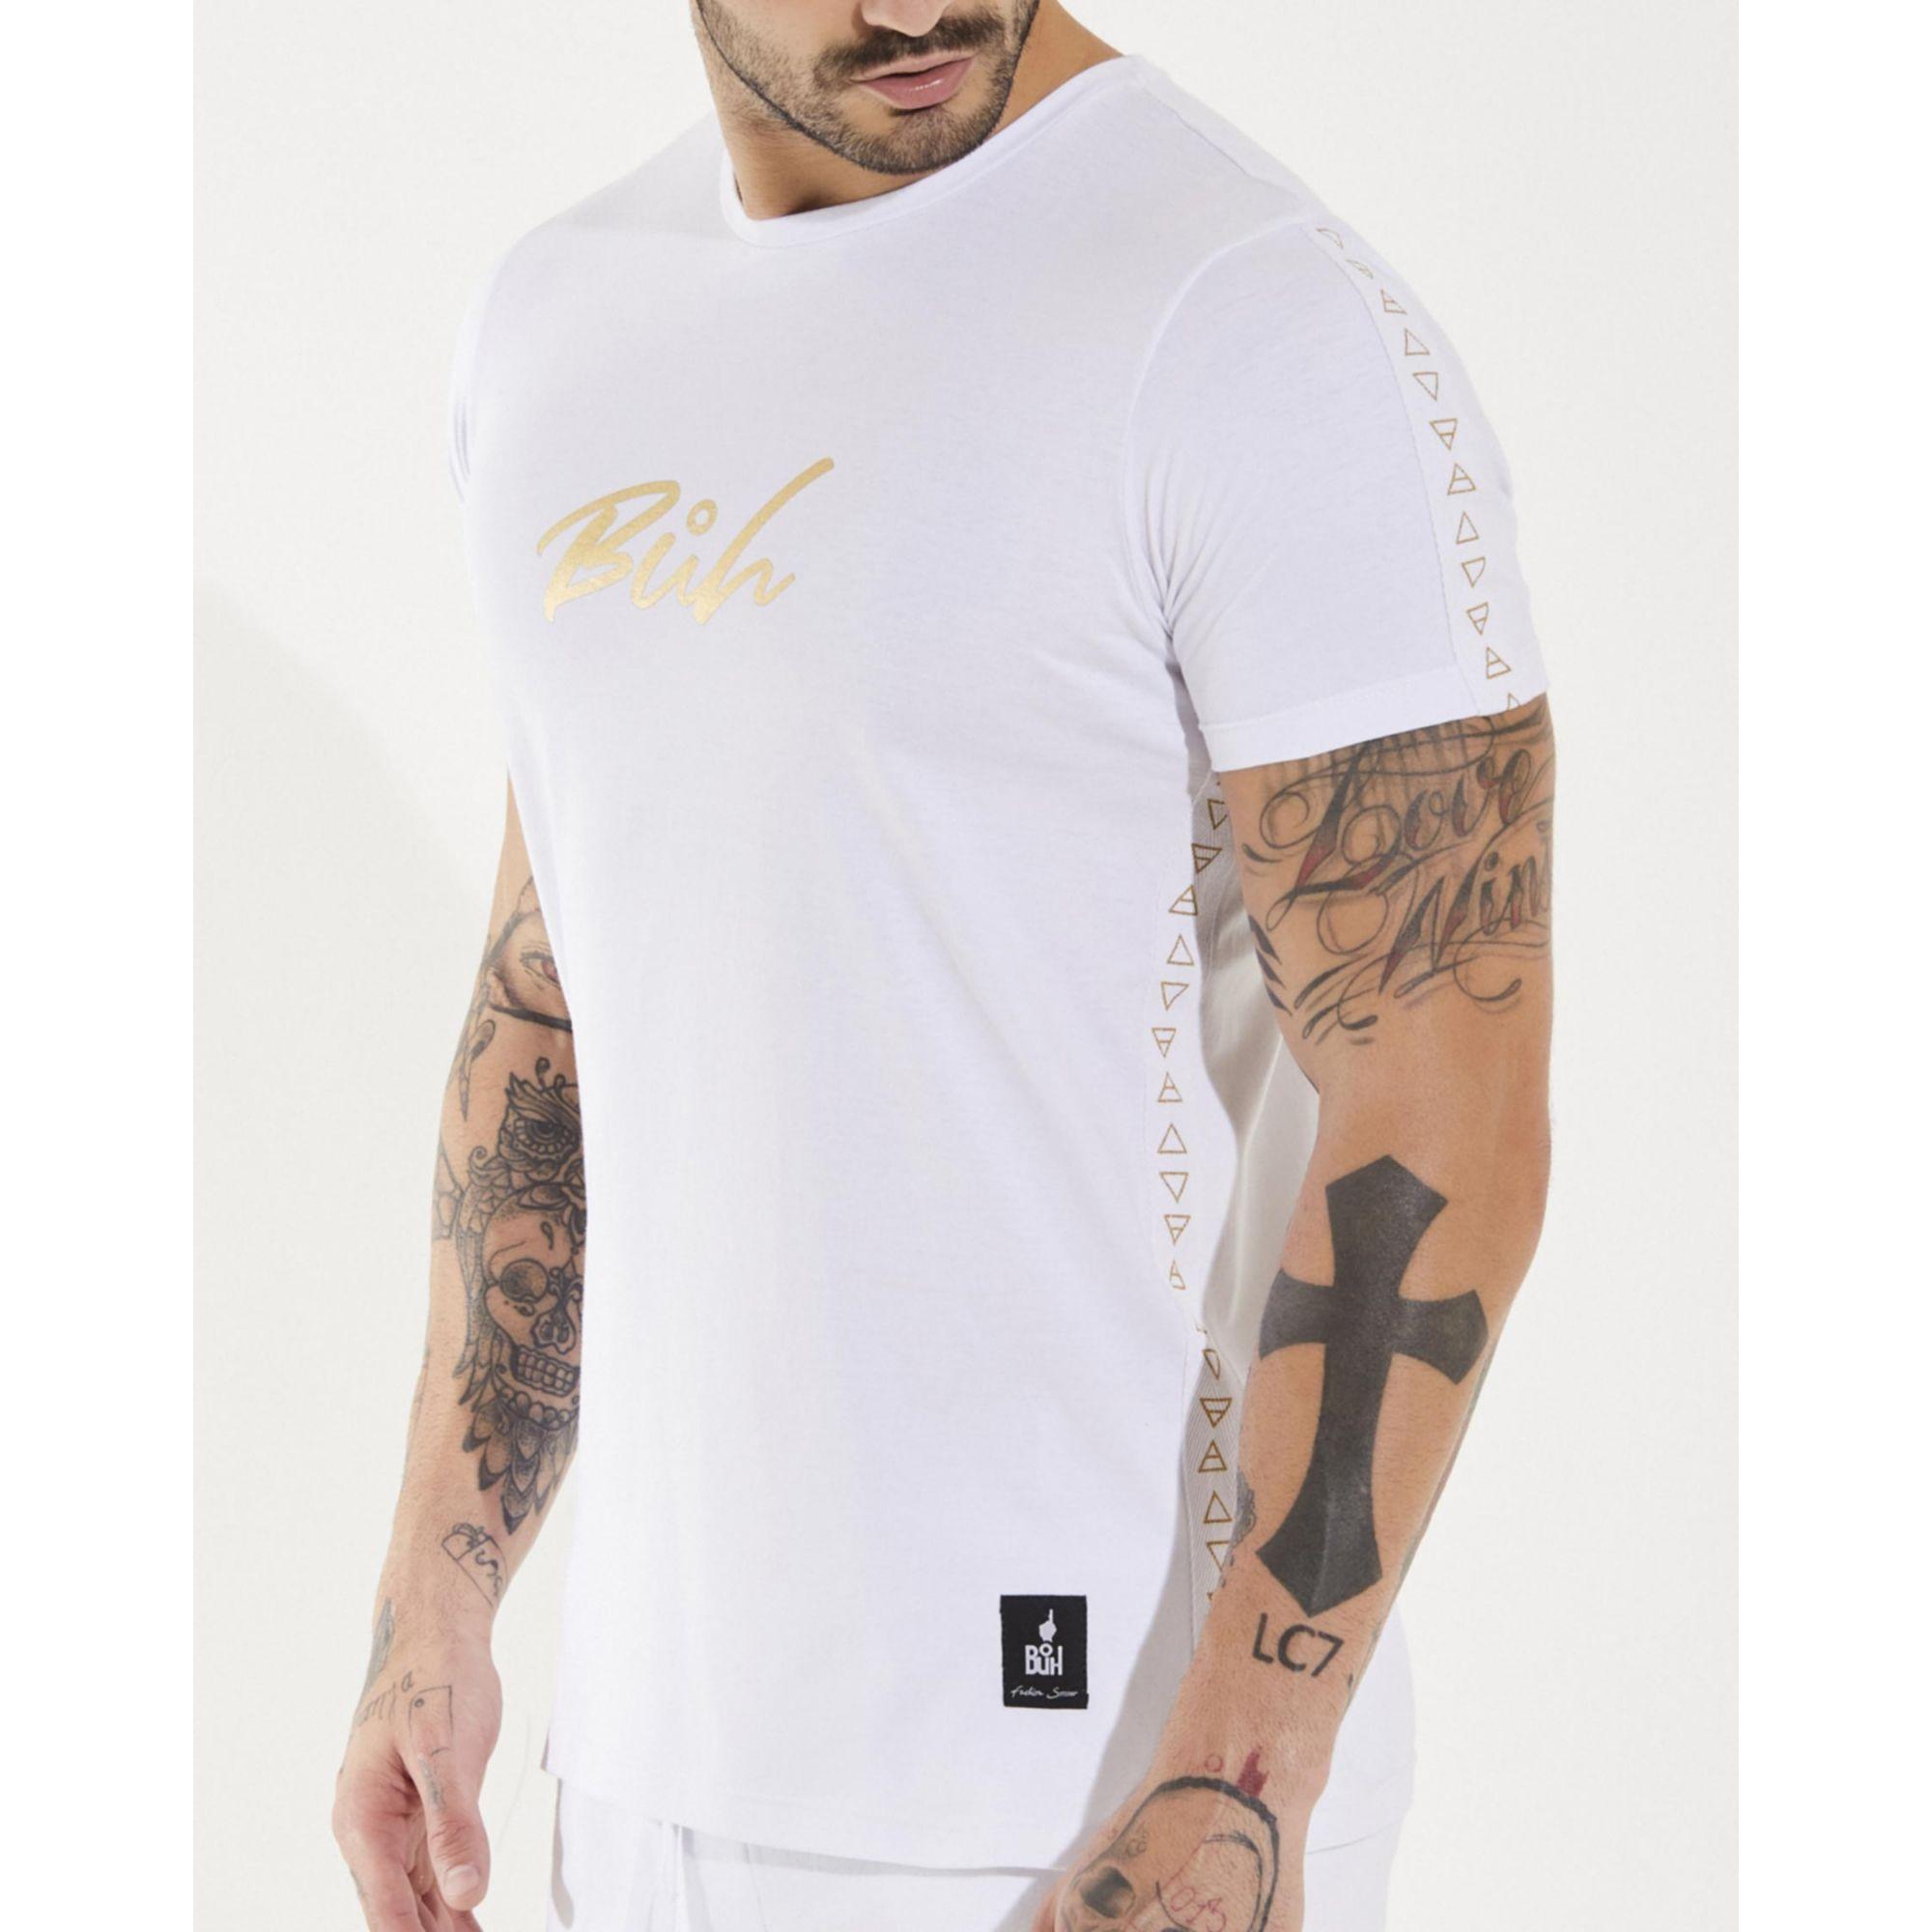 Camiseta Buh Foil Elementos White